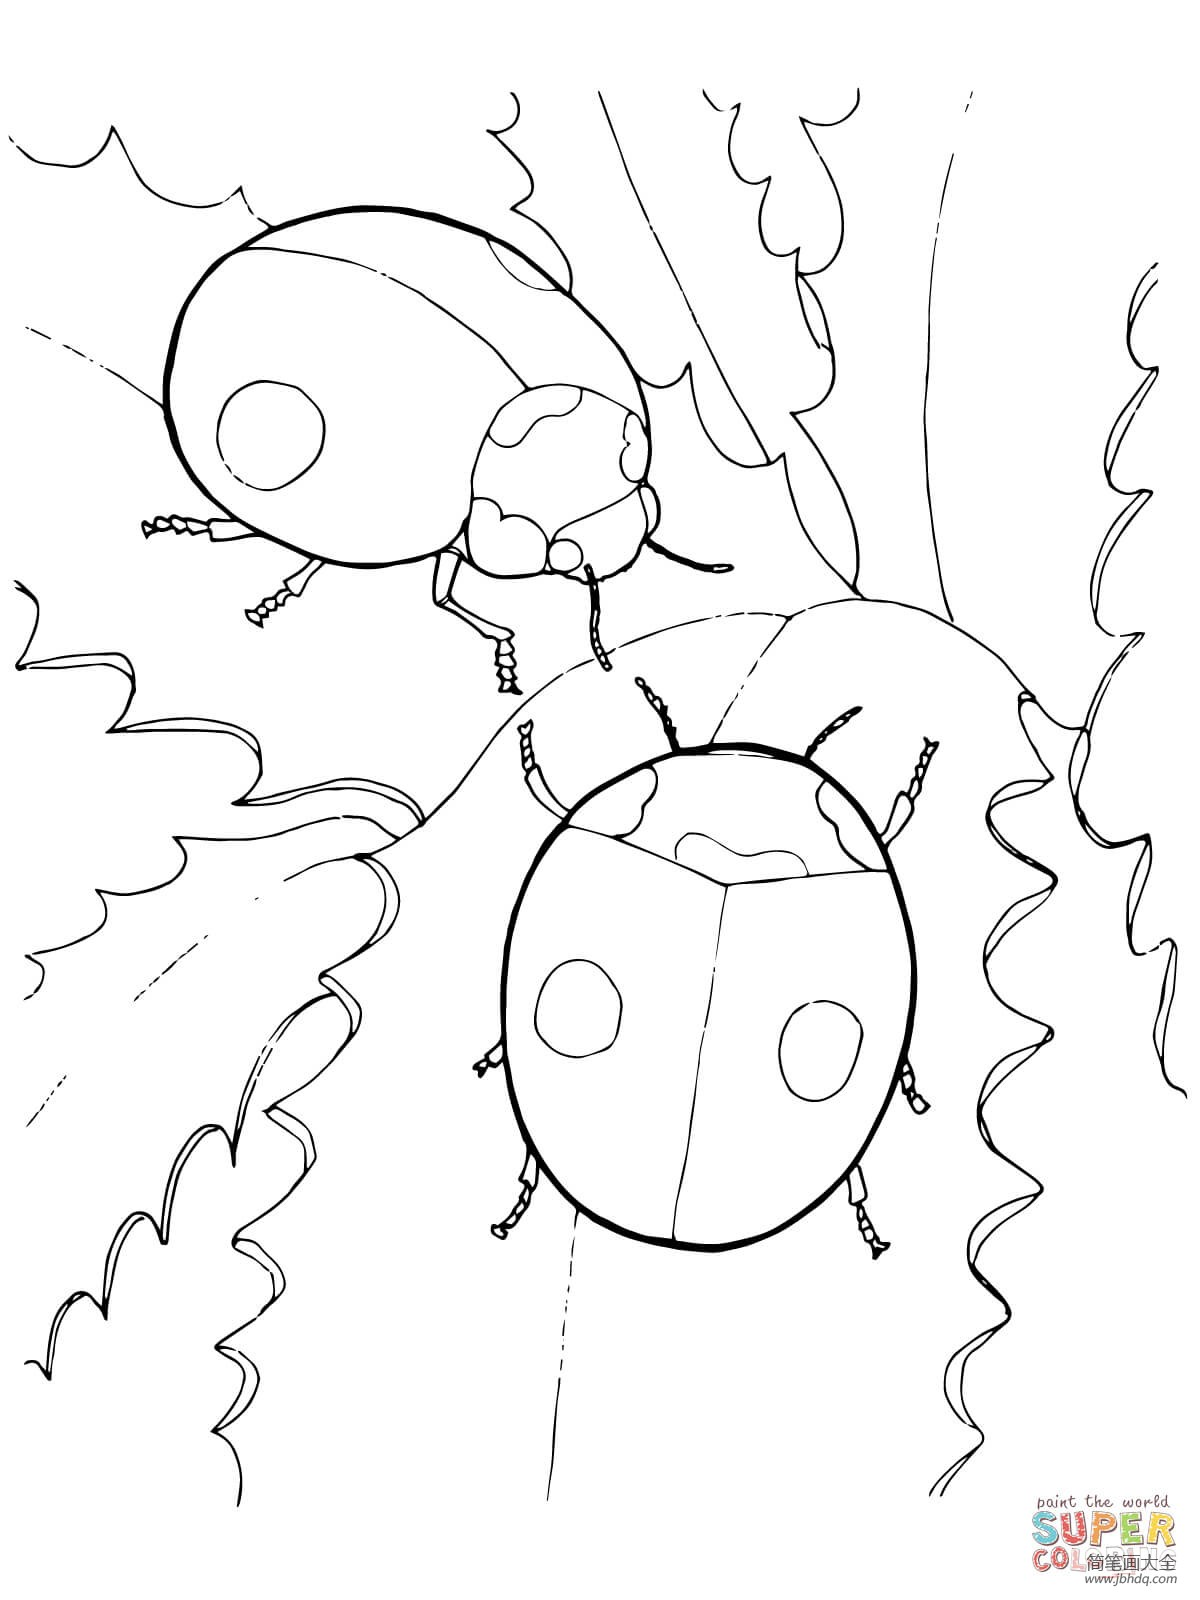 两只瓢虫简笔画图片